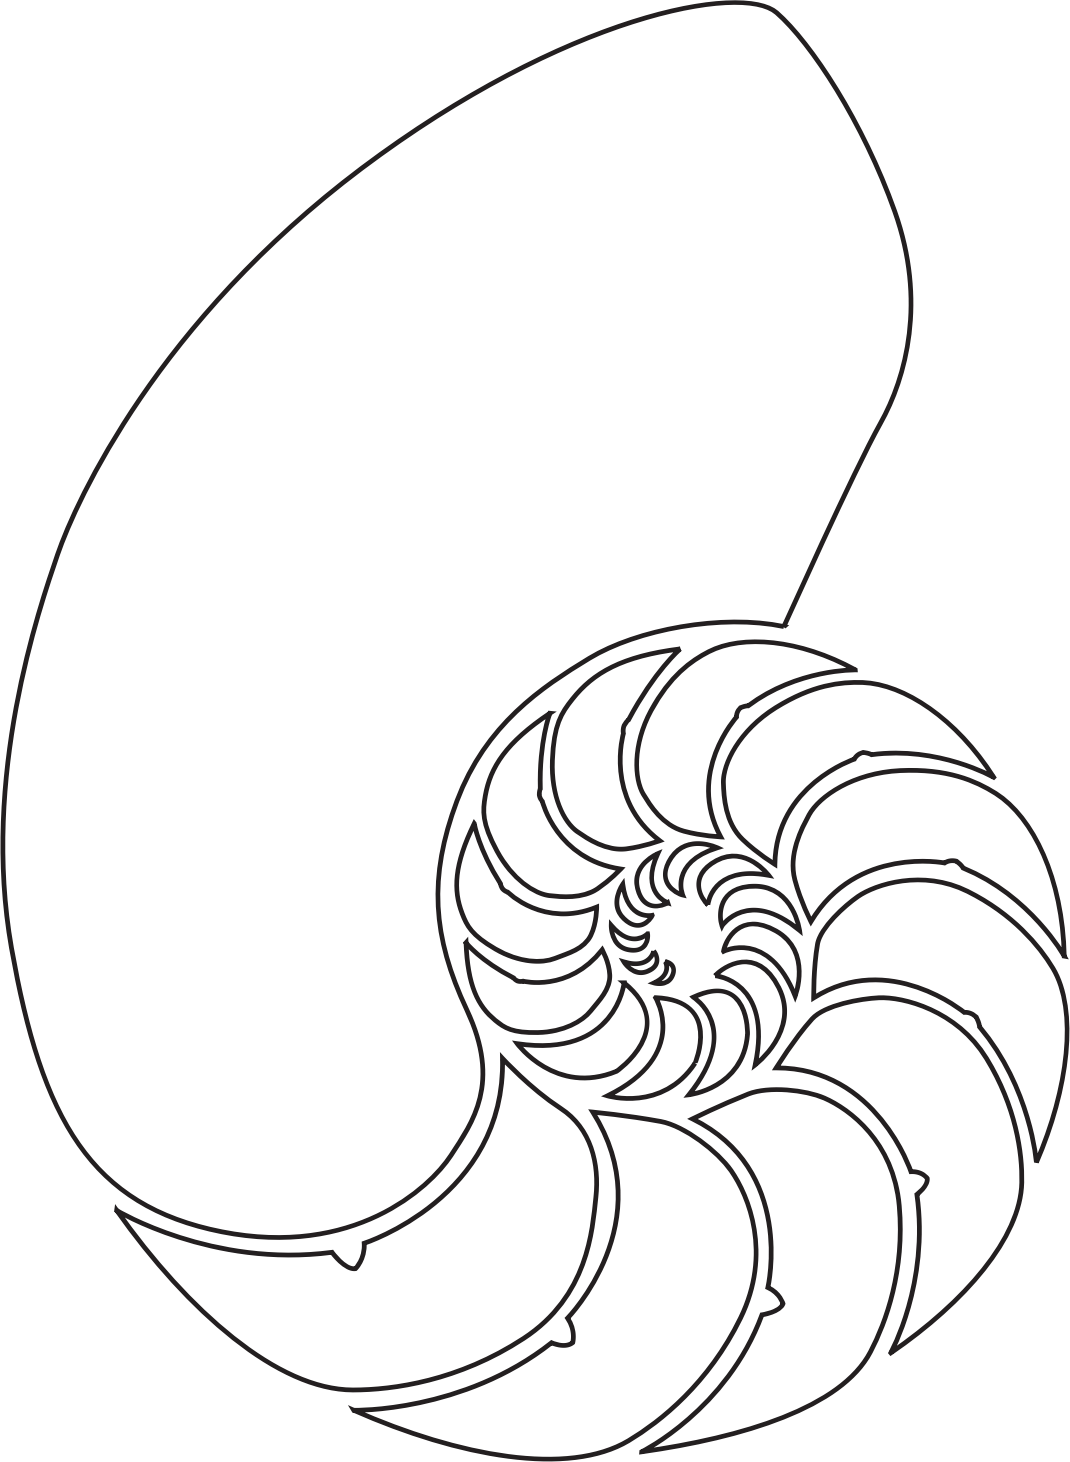 Clam clipart kerang. Shotgun shell drawing at